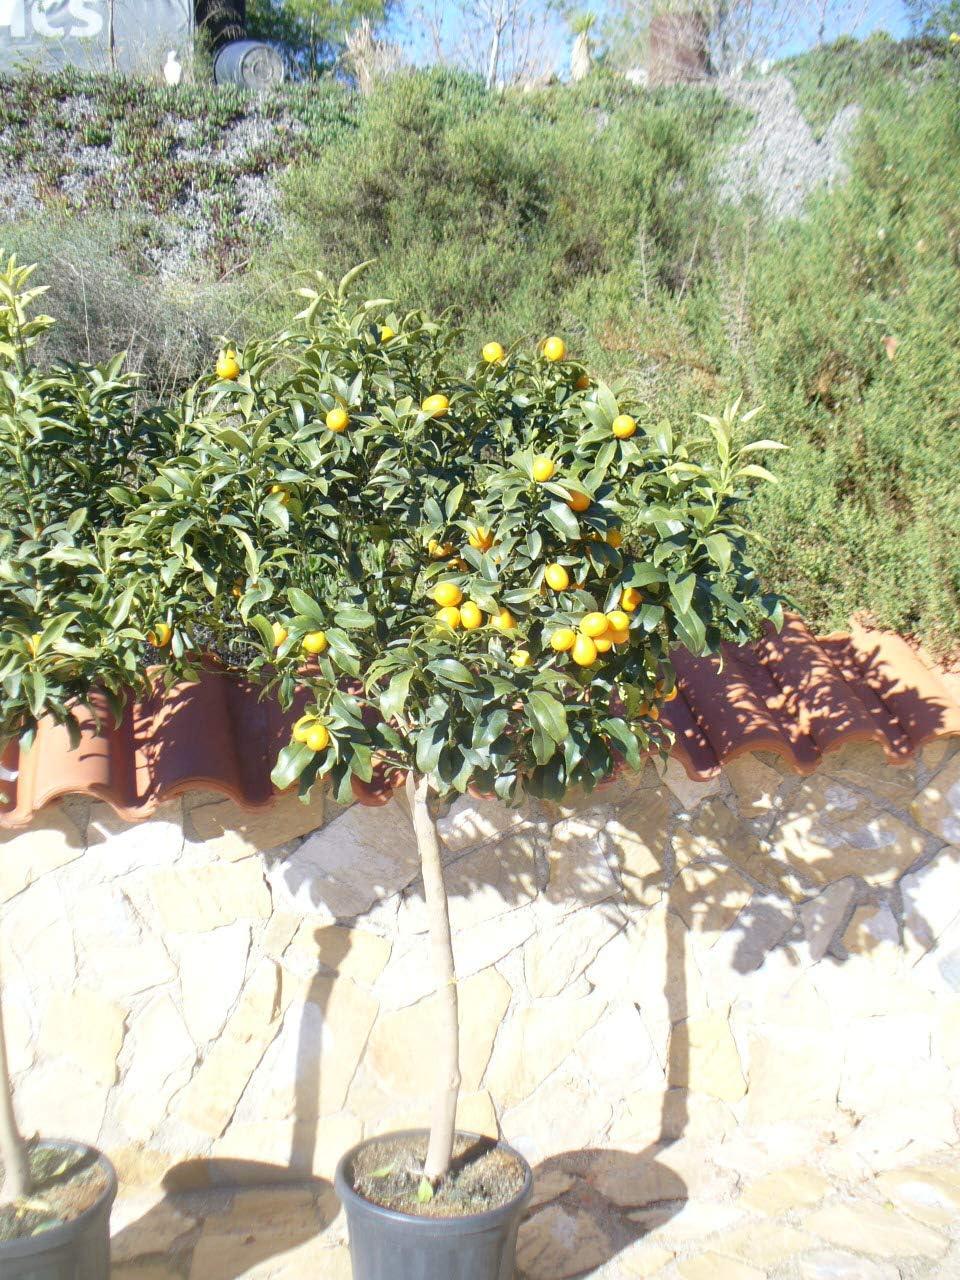 Kumquat/Citrus fortunella